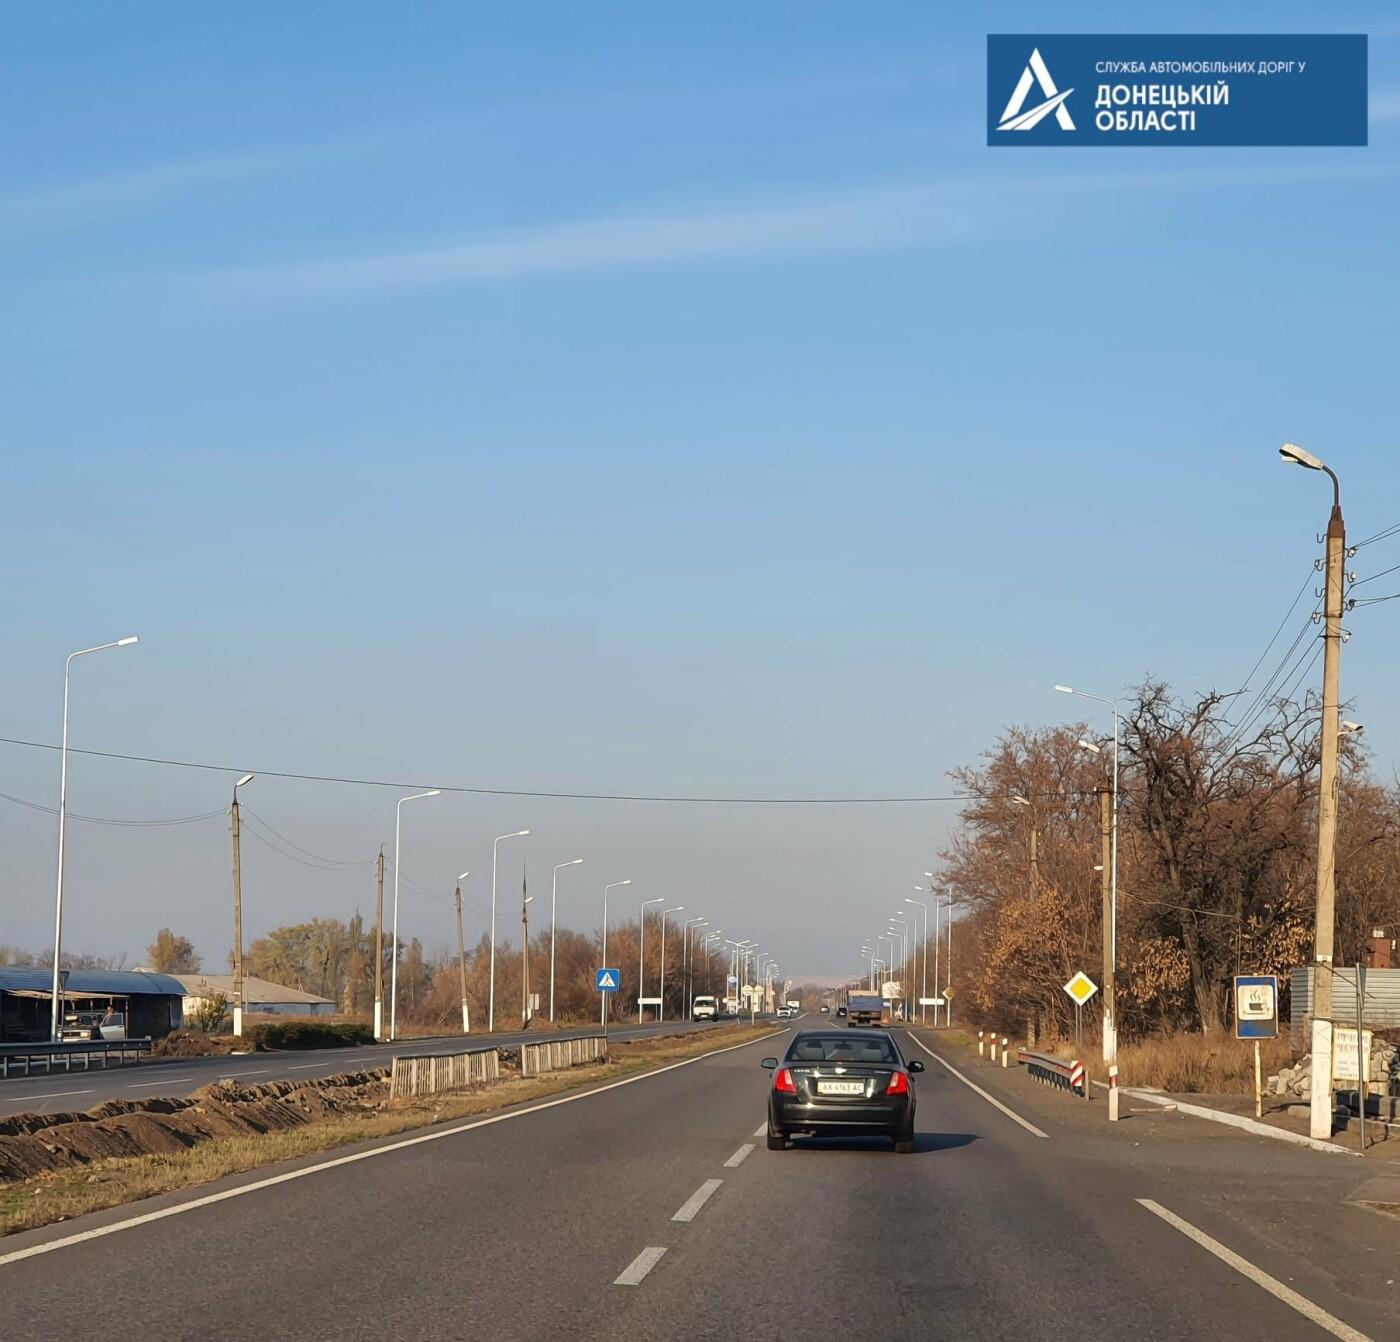 Дорога між Слов'янськом і краматорськом, Служба автомобільних доріг в Донецькій області